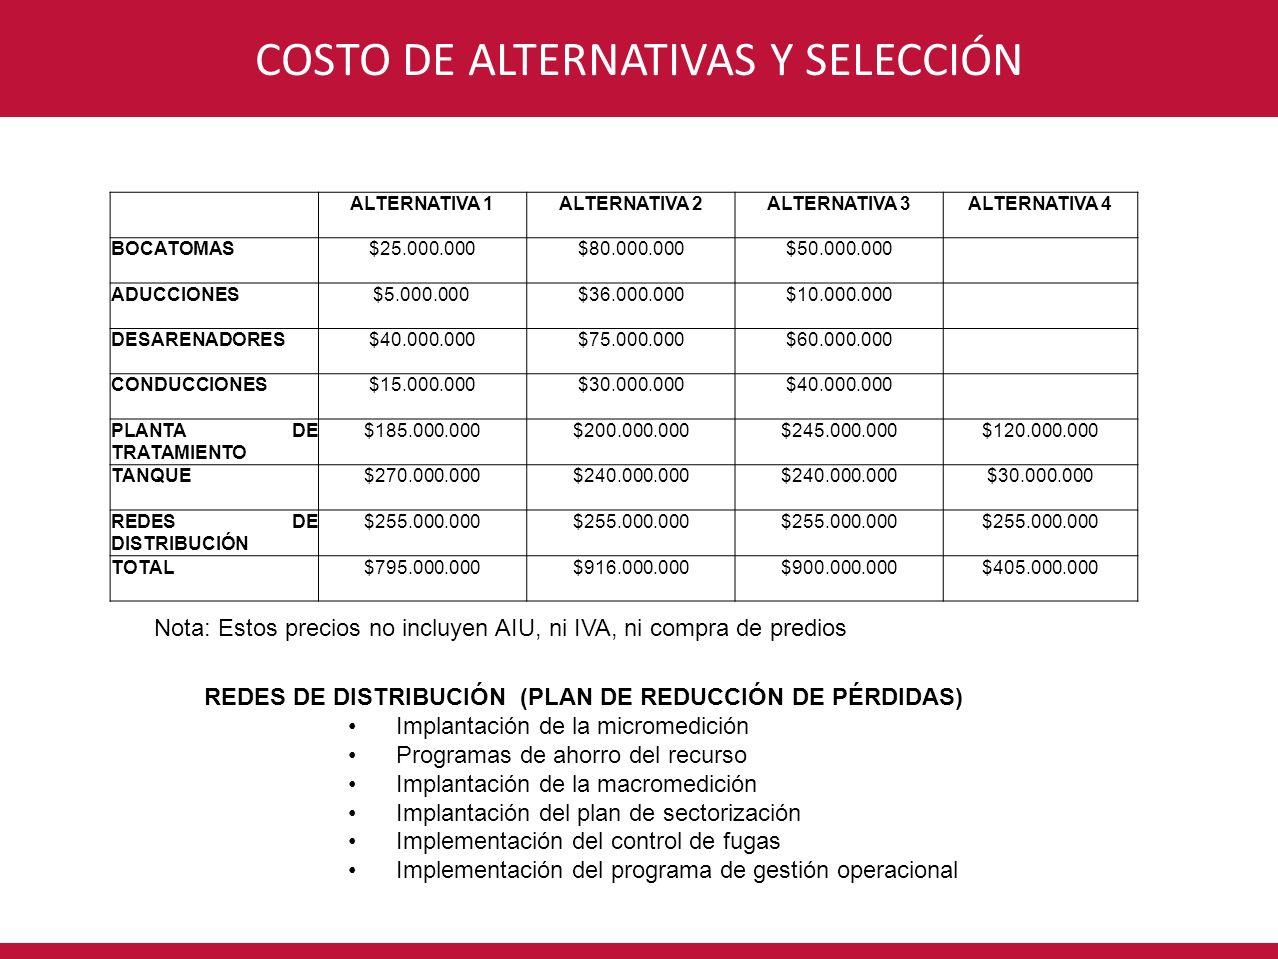 CONSORCIO INTERVENTORÍA POR UN NUEVO VALLECOSTO DE ALTERNATIVAS Y SELECCIÓN Nota: Estos precios no incluyen AIU, ni IVA, ni compra de predios ALTERNAT